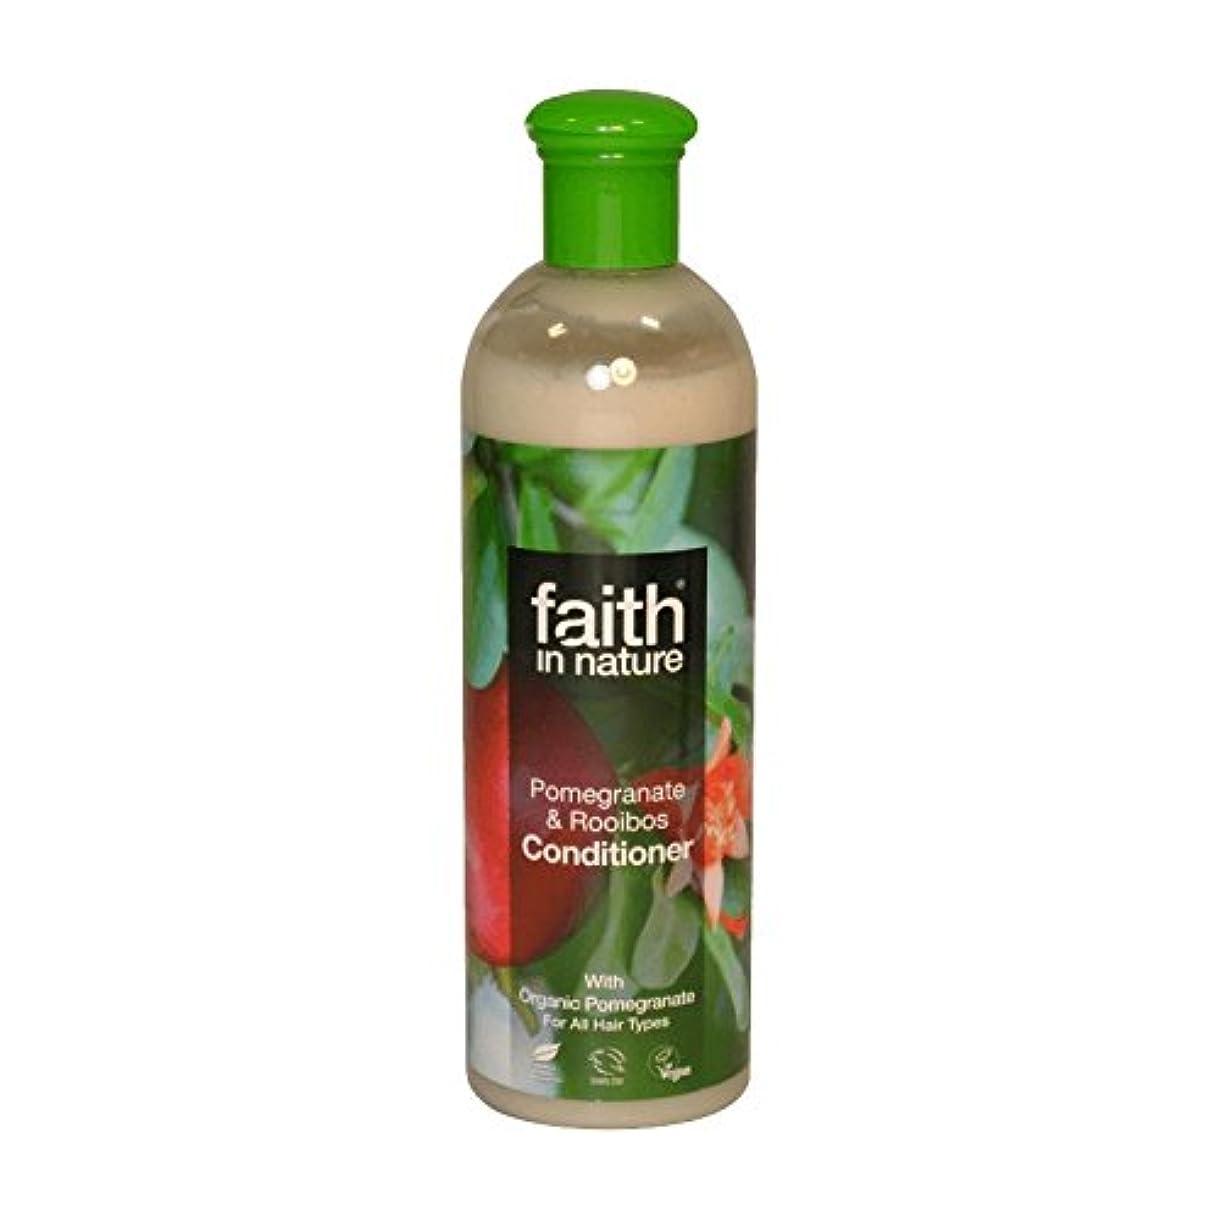 五月操作屋内で自然ザクロ&Roobiosコンディショナー400ミリリットルの信仰 - Faith in Nature Pomegranate & Roobios Conditioner 400ml (Faith in Nature) [並行輸入品]